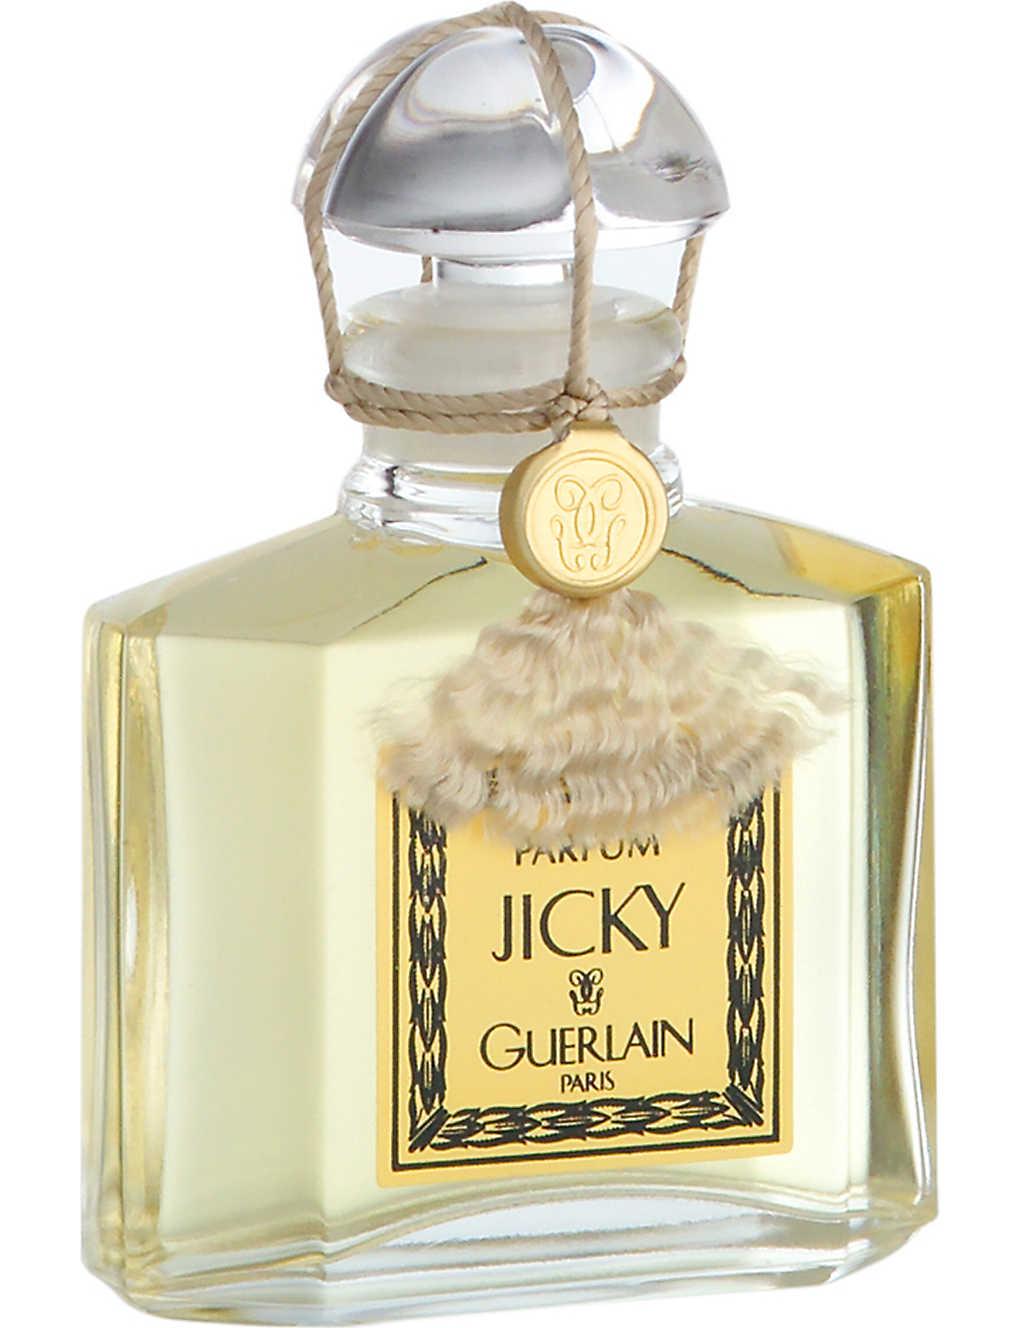 Guerlain Jicky Perfume, 30ml in 2020